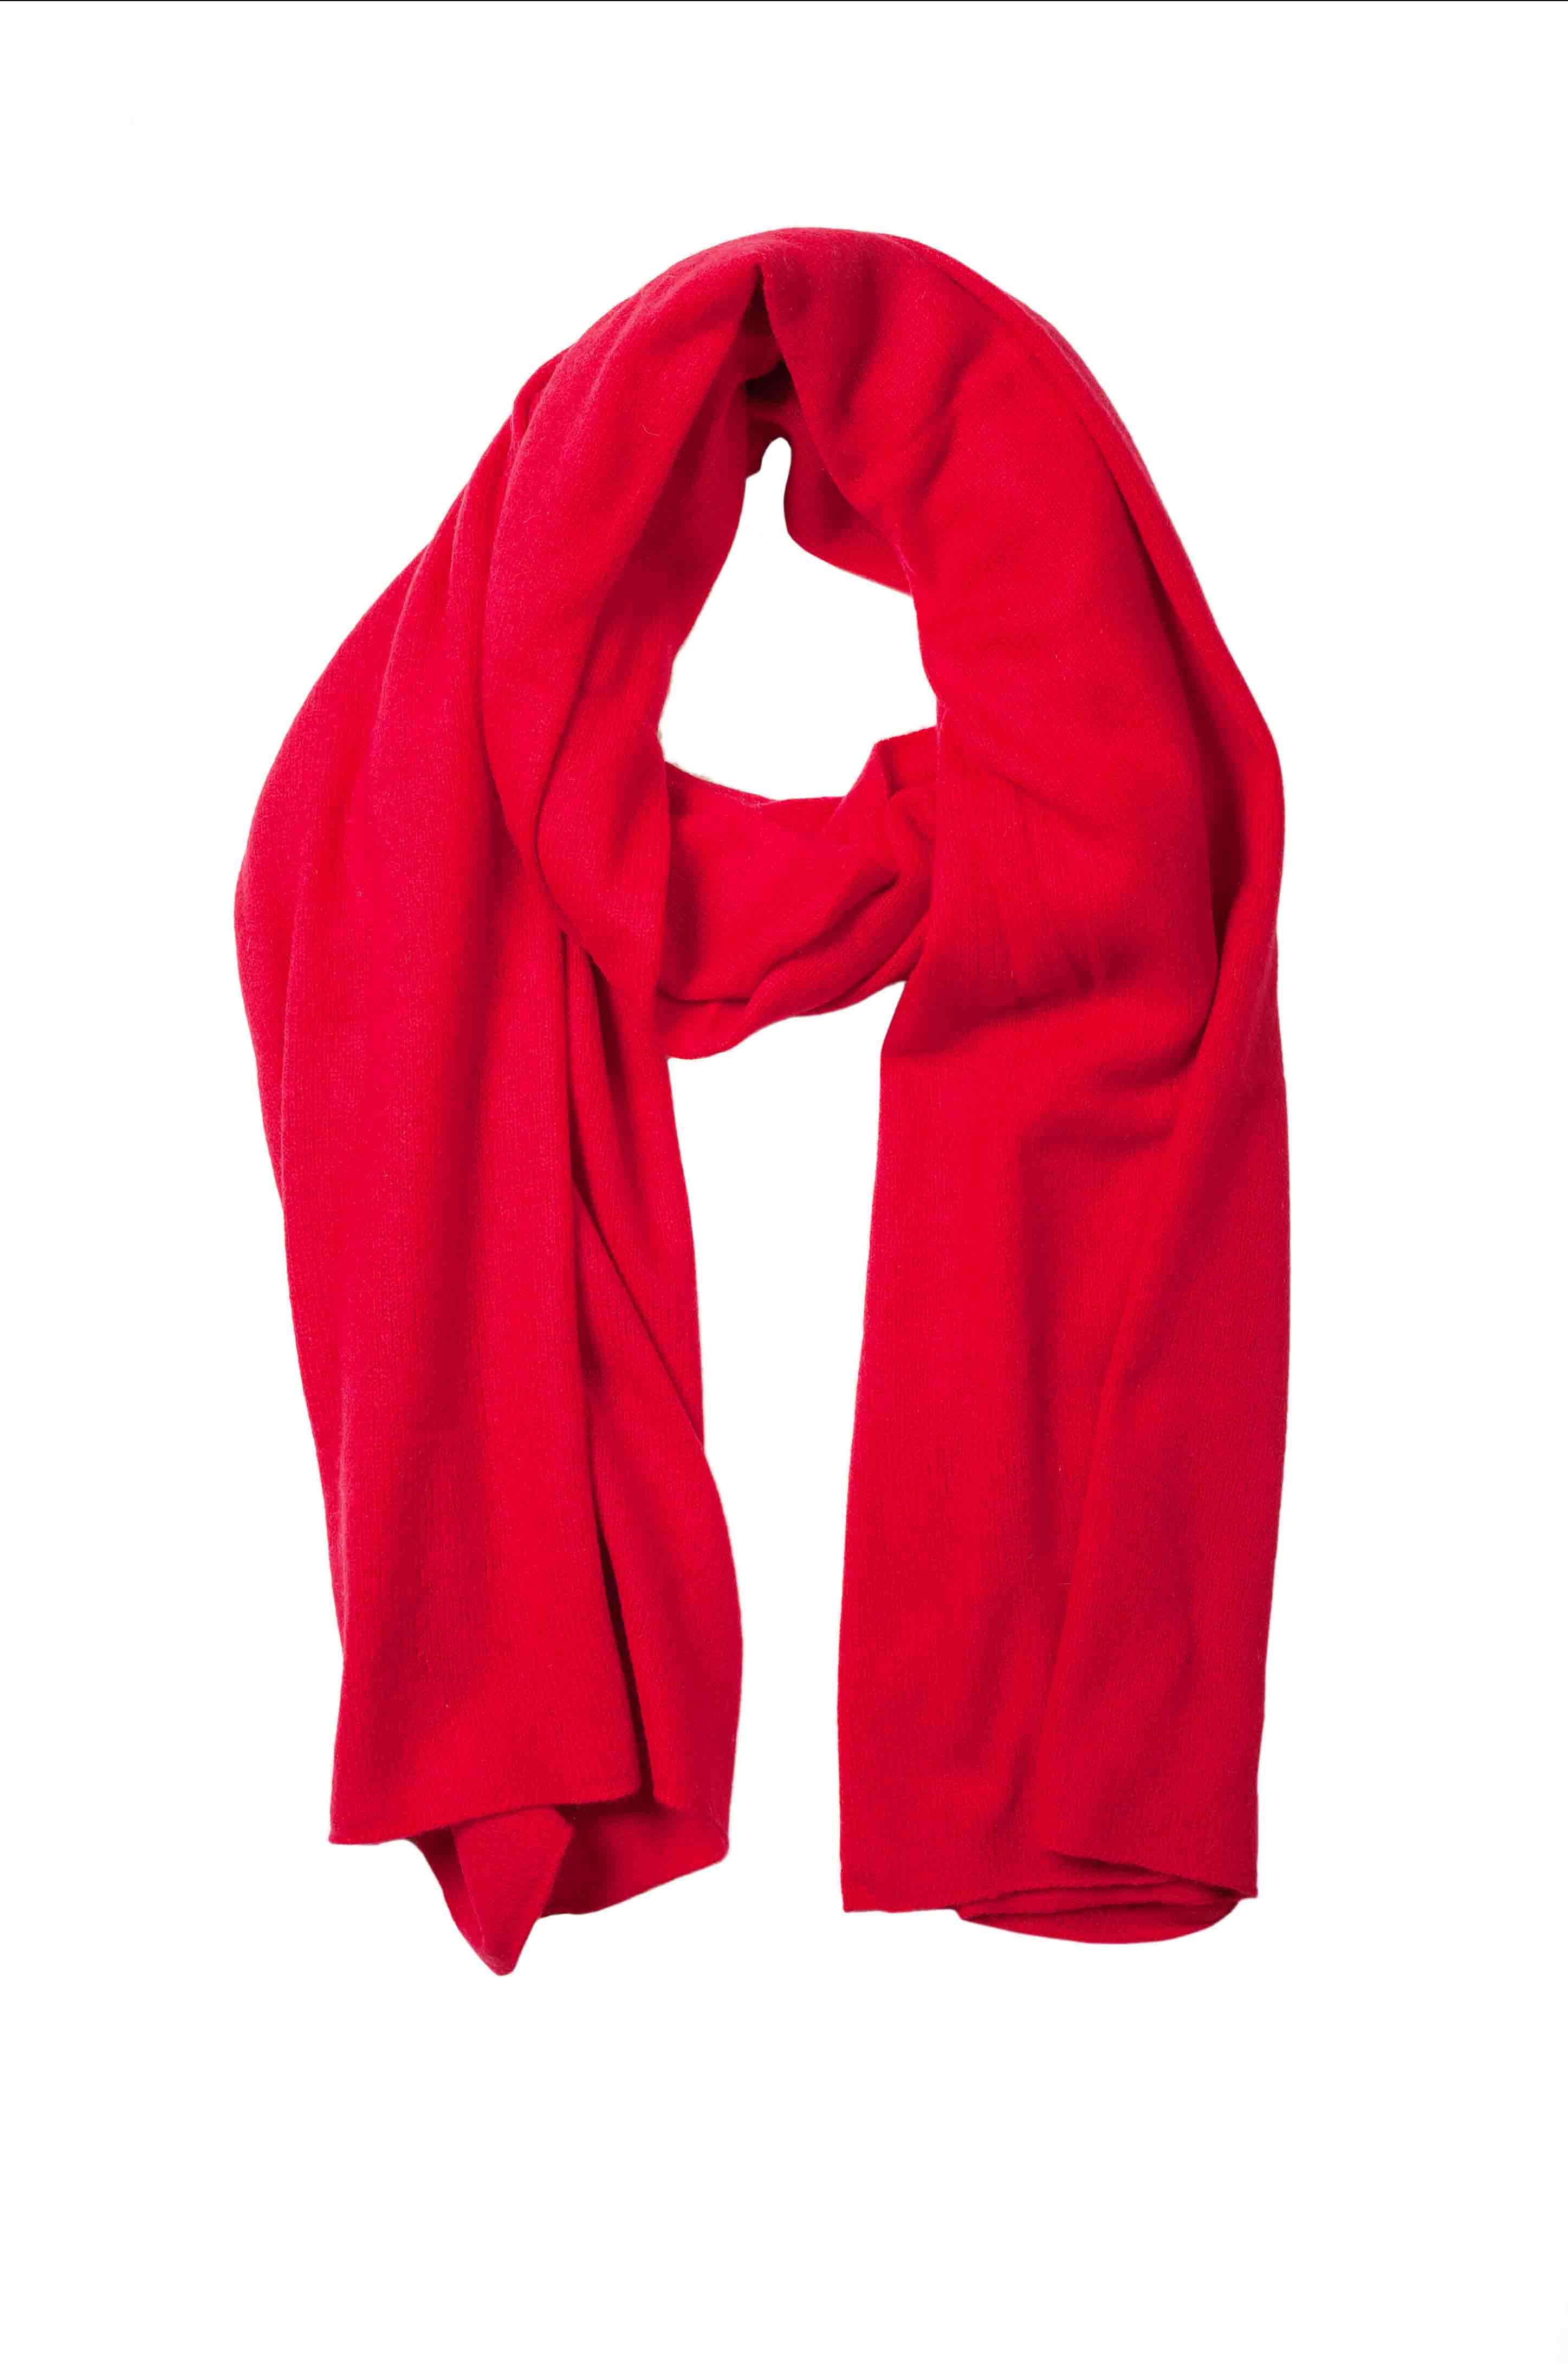 Etole cachemire femme FLAMME Rouge tango